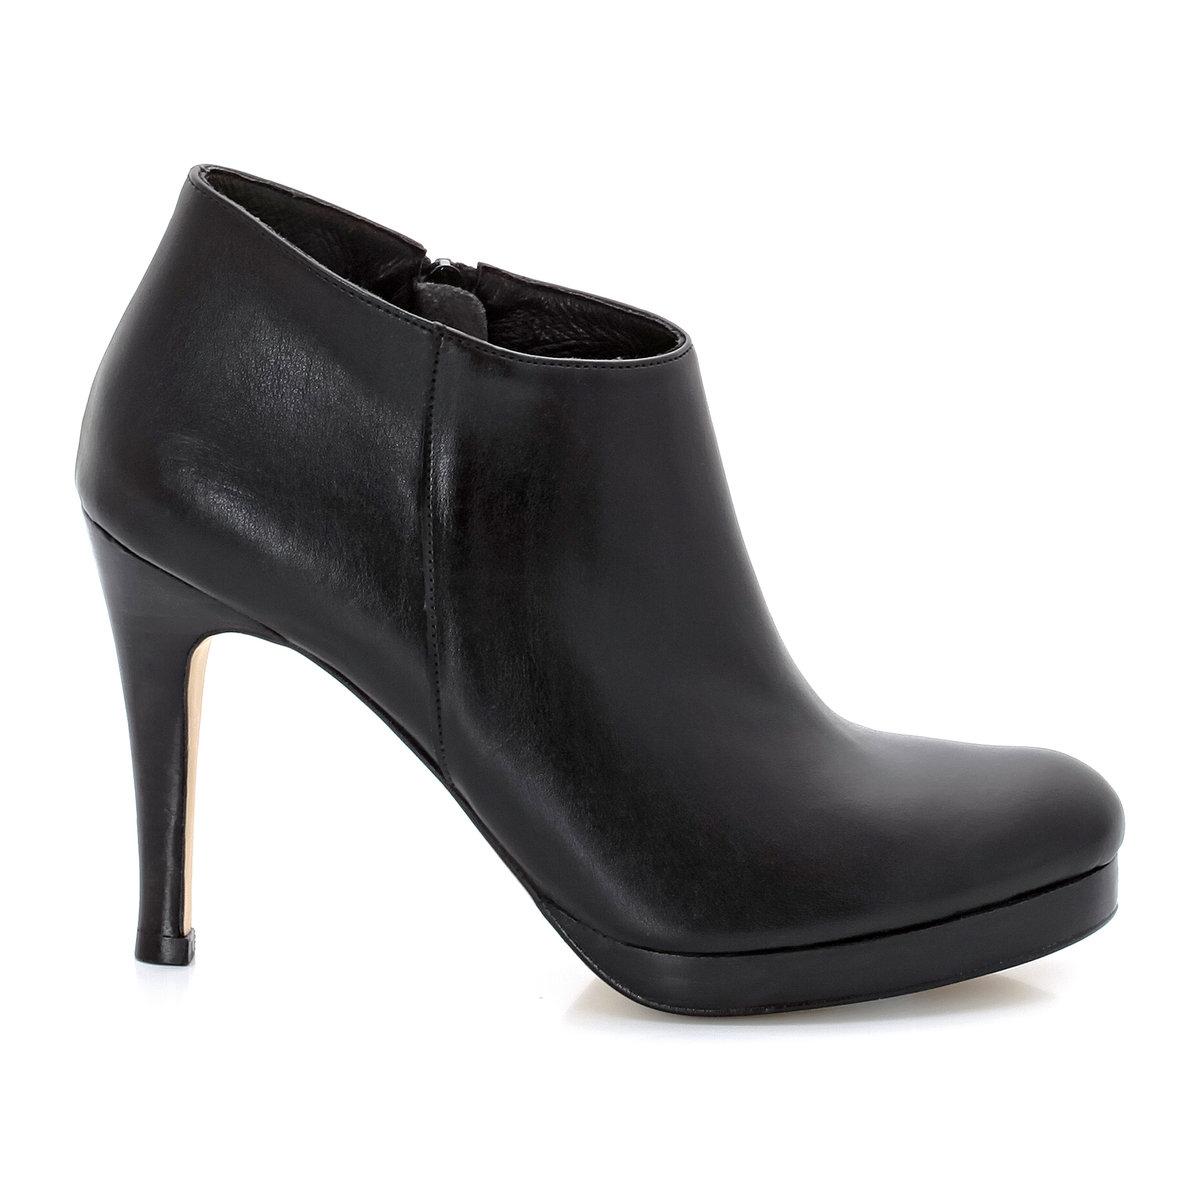 Ботинки низкие на высоких каблуках, с застежками на молниюНизкие ботинки на каблуках - JONAK. Верх :  синтетический материалПодкладка : кожа Стелька : кожа Подошва : эластомер.Застежка   : молнии сбокуВысота каблука : 9 см. Эти низкие ботинки на высоком каблуке под маркой Jonak сделают ваш силуэт женственным и ультра модным!<br><br>Цвет: черный<br>Размер: 40